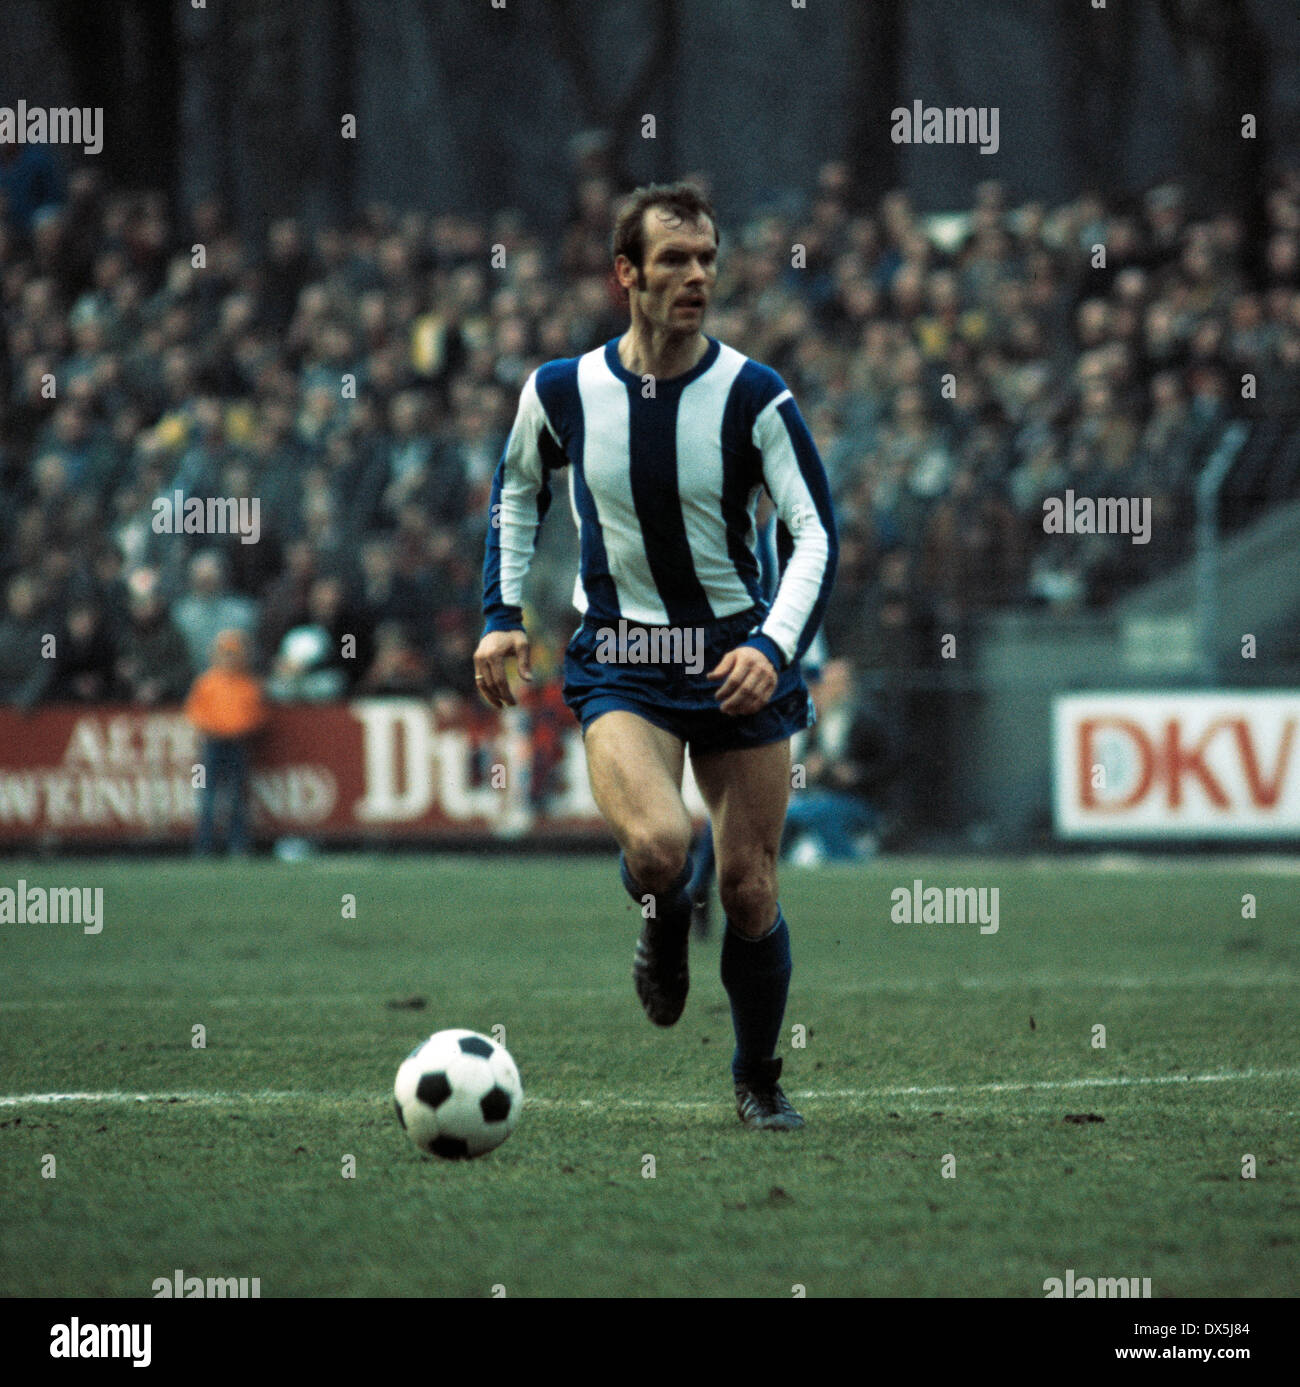 football, Bundesliga, 1975/1976, Grotenburg Stadium, FC Bayer 05 Uerdingen versus Hertha BSC Berlin 1:1, scene of the match, Erwin Hermandung (Hertha) in ball possession - Stock Image